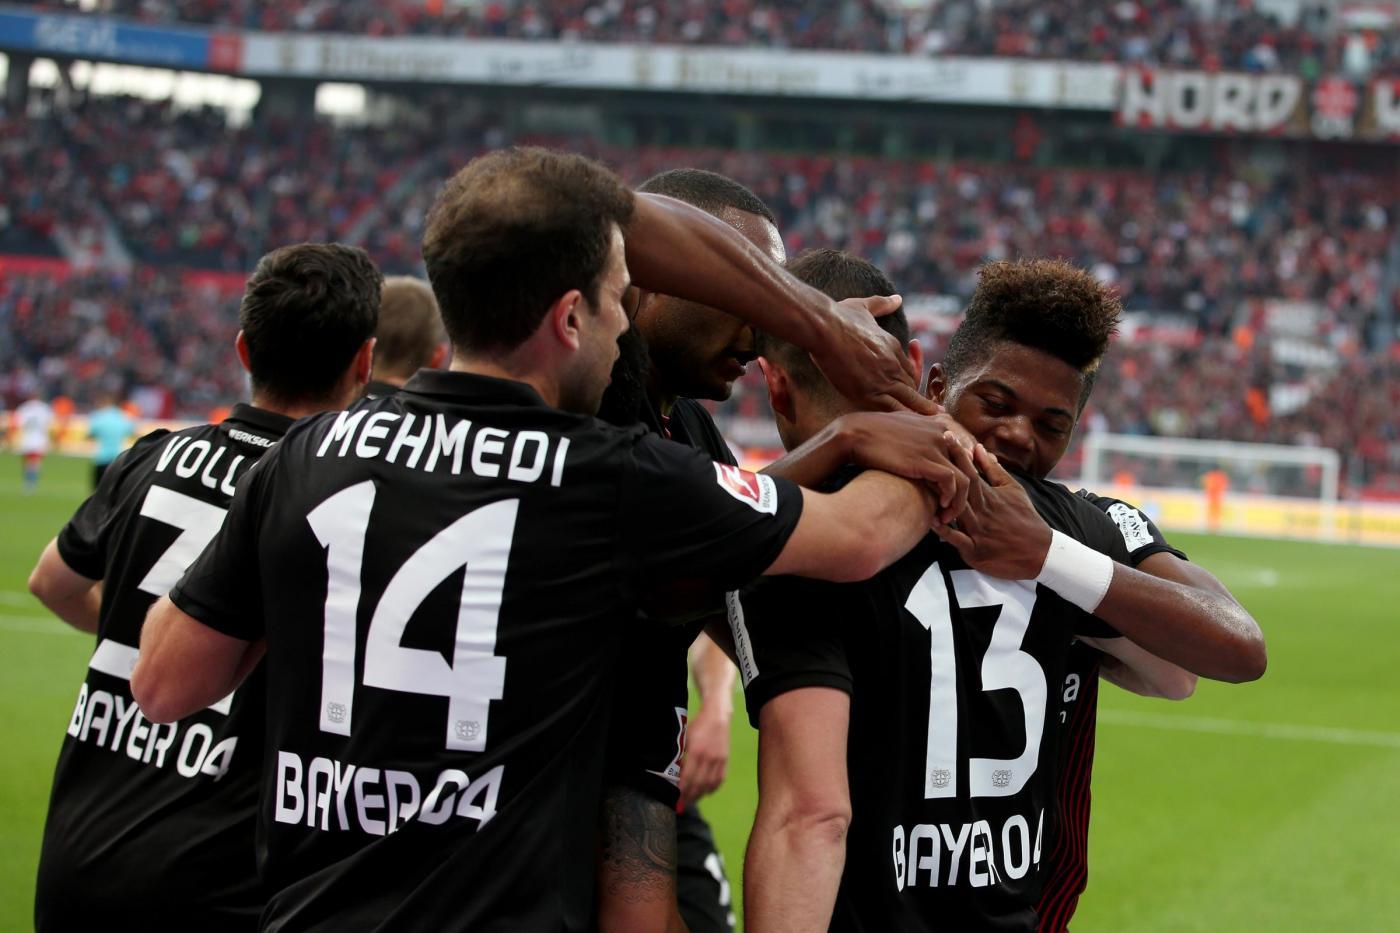 Leverkusen-Ludogorets 29 novembre: si gioca per la quinta giornata del gruppo A dell'Europa League. Tedeschi per il primato.